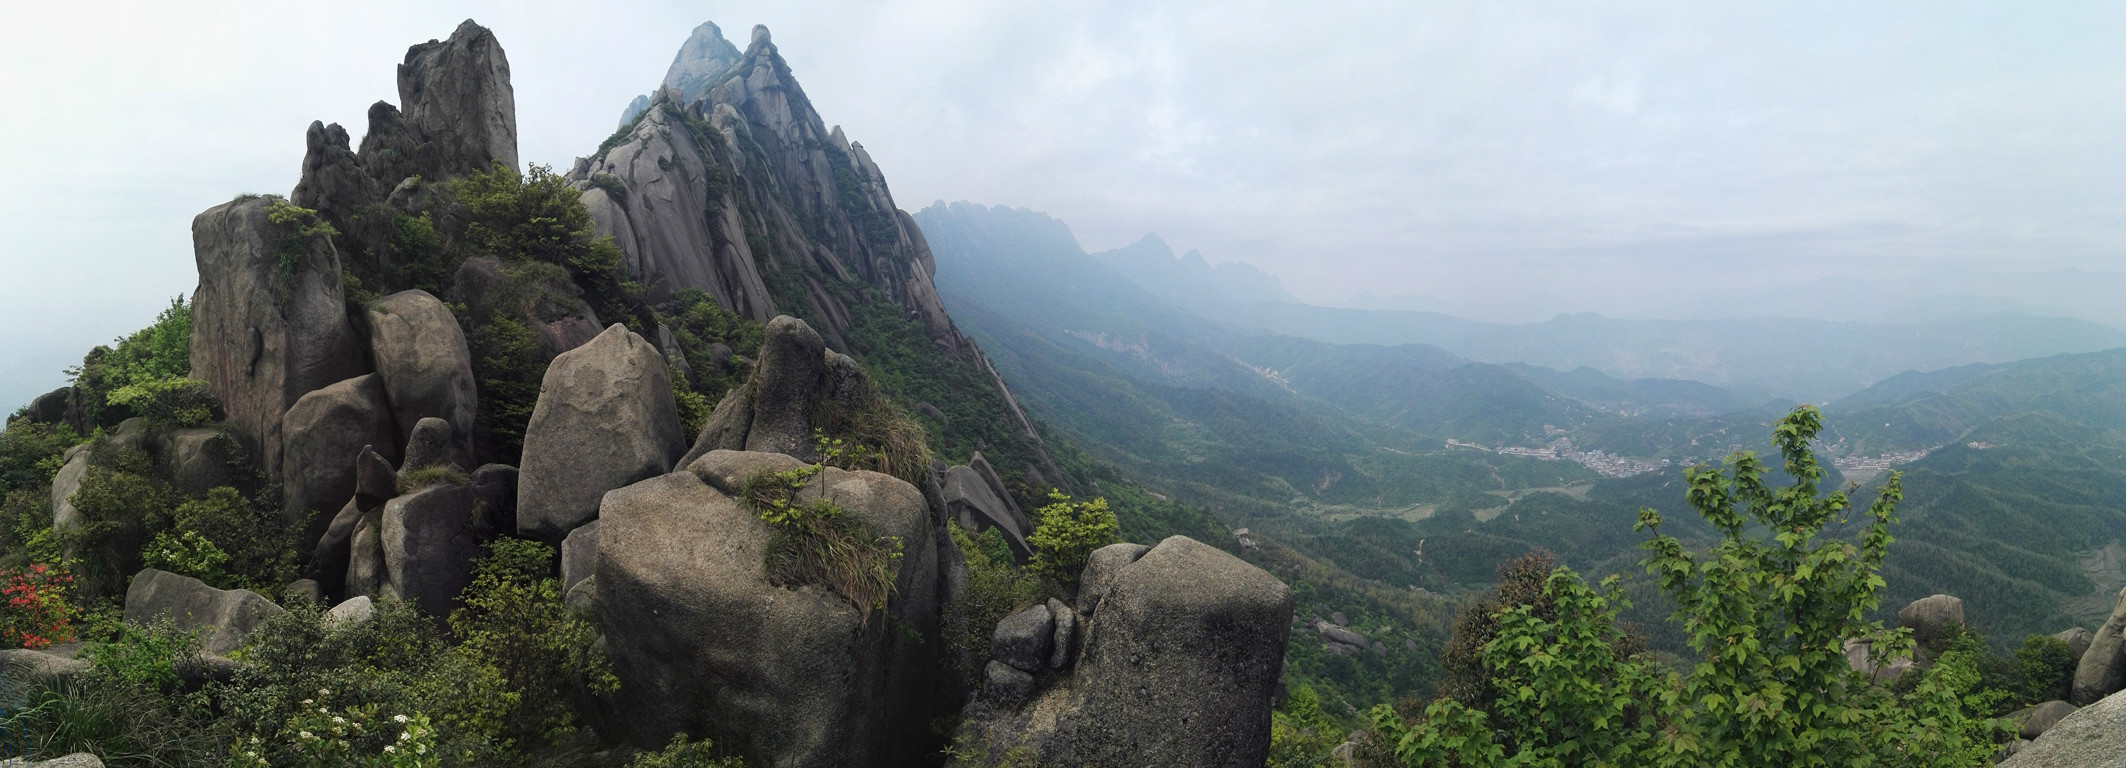 小贴士:上饶灵山风景名胜区地处江西省上饶市上饶县北部,是国家4a级